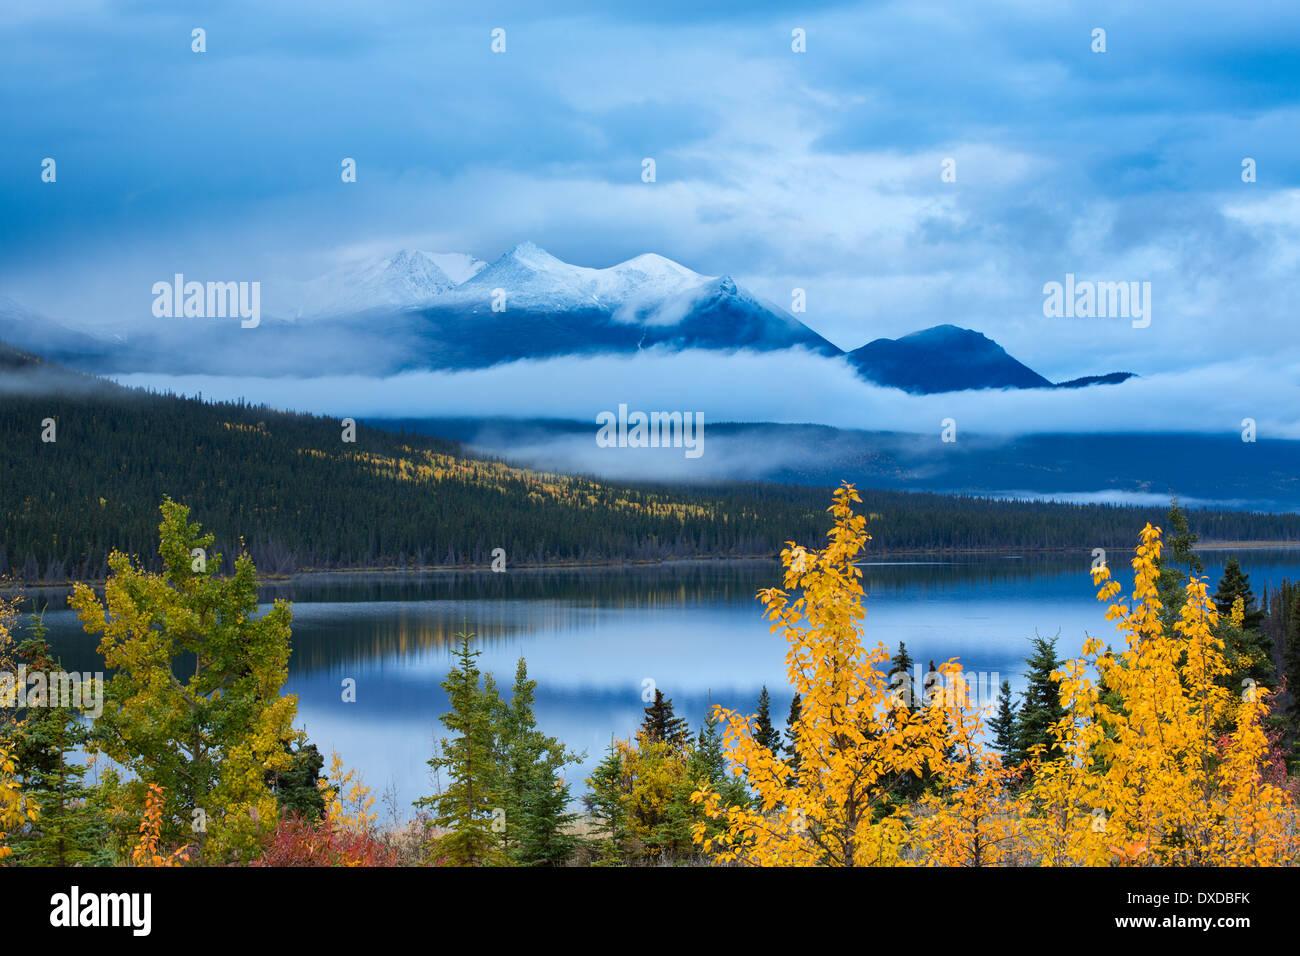 Colores de otoño en el lago, con narinas Montana más allá de la montaña, cerca de Carcross, Yukon territorios, Canadá Imagen De Stock